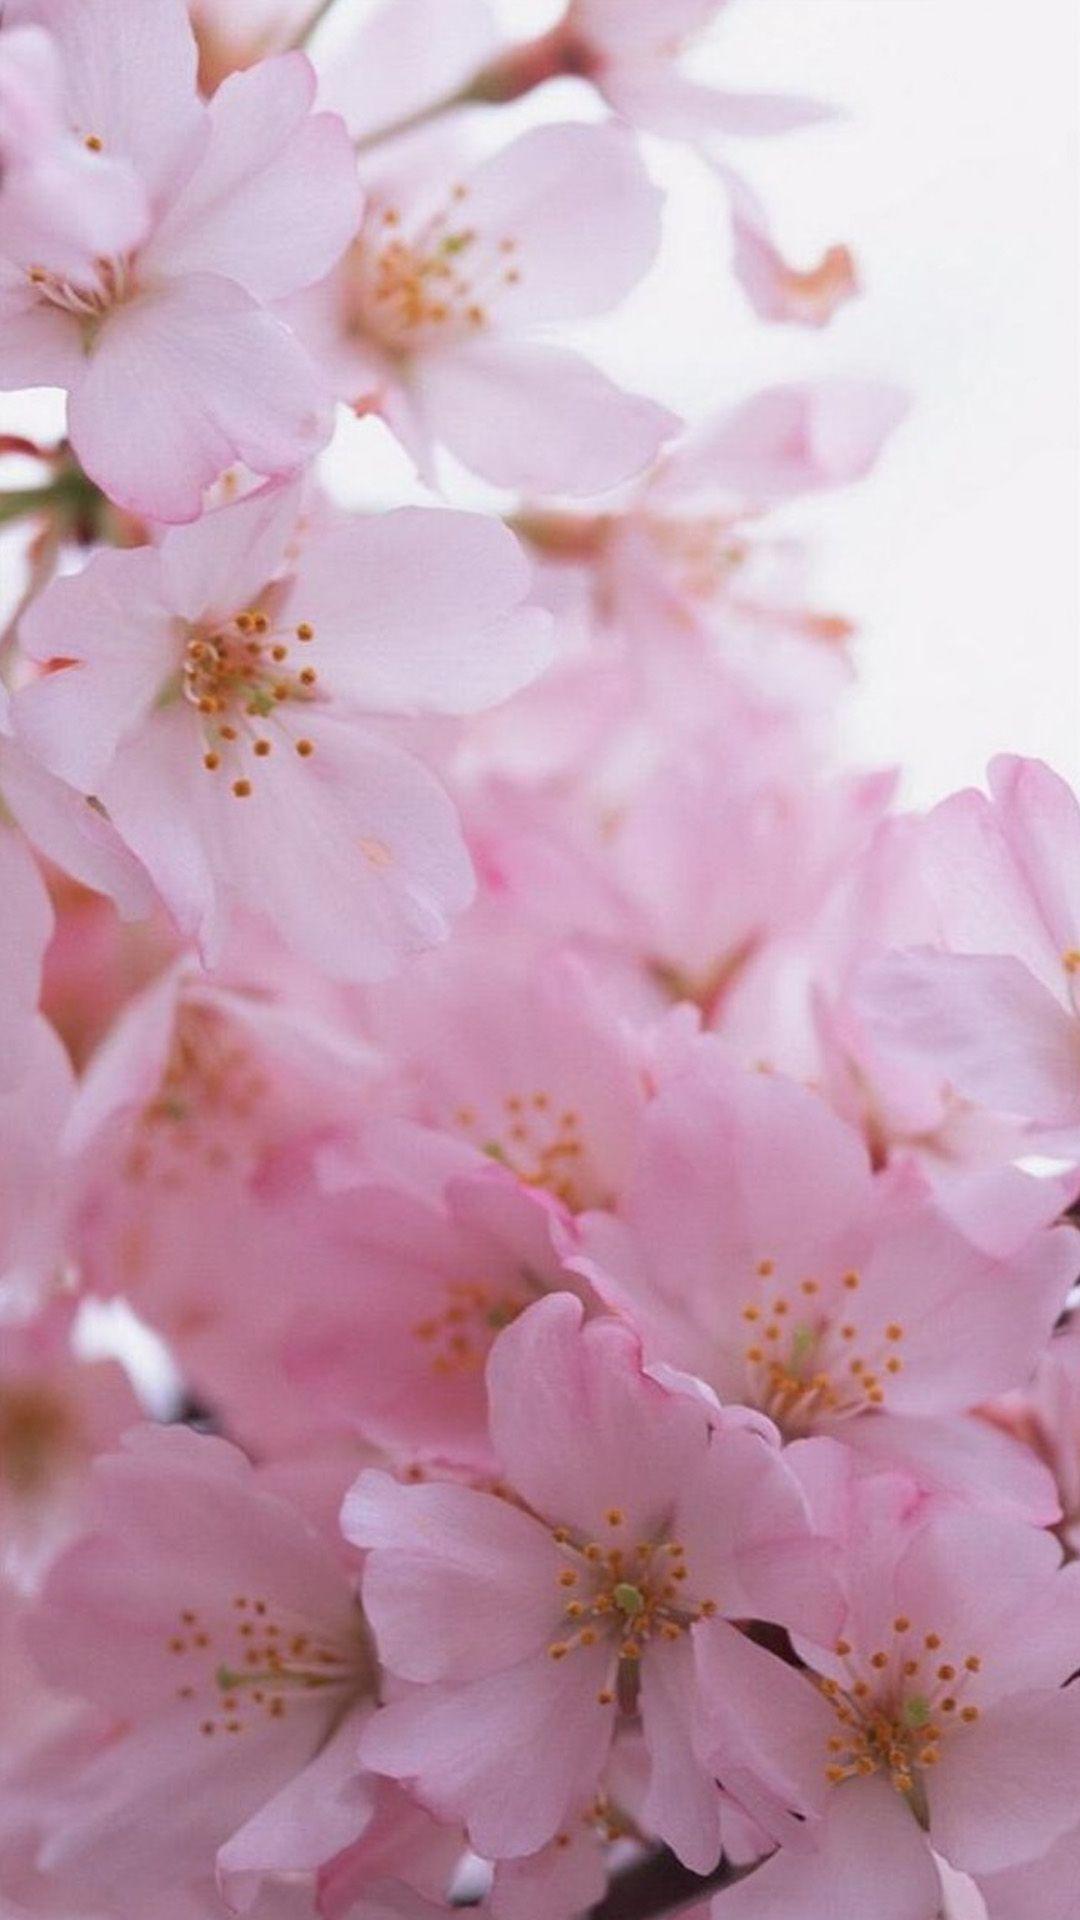 Sakura Wallpaper On The Iphone